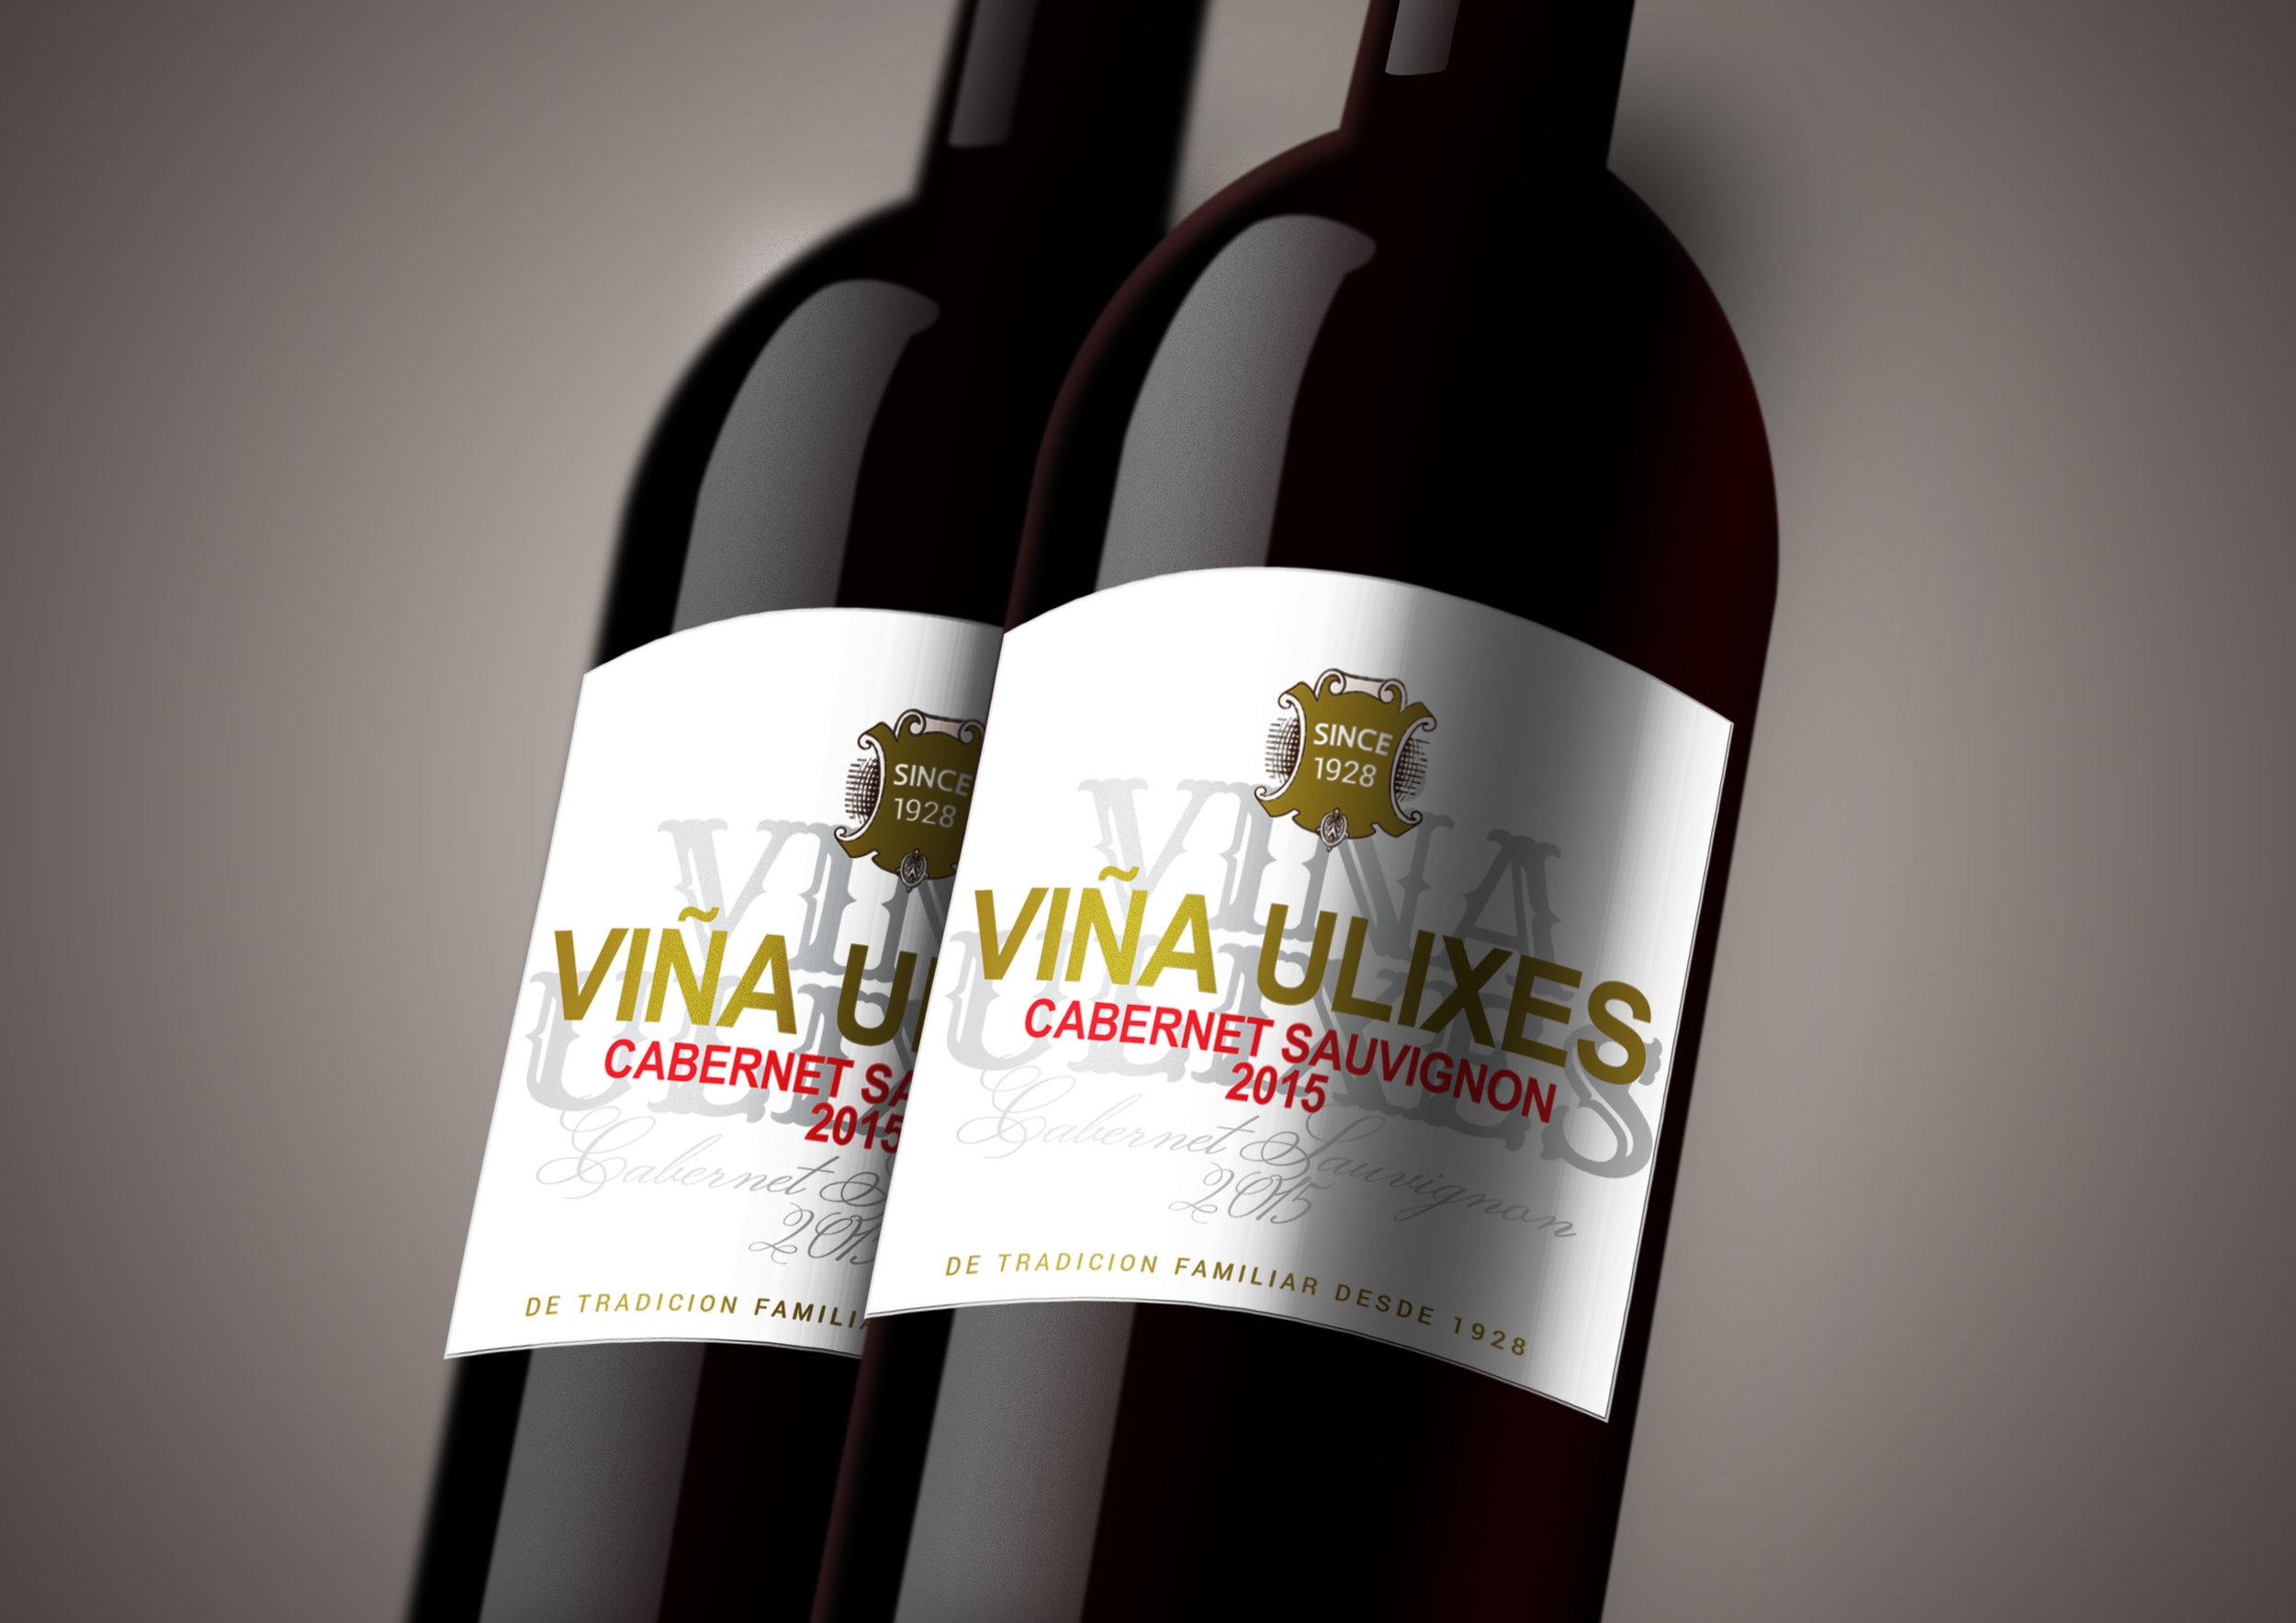 Vina Ulixes 2 Bottle Mock Up.jpg